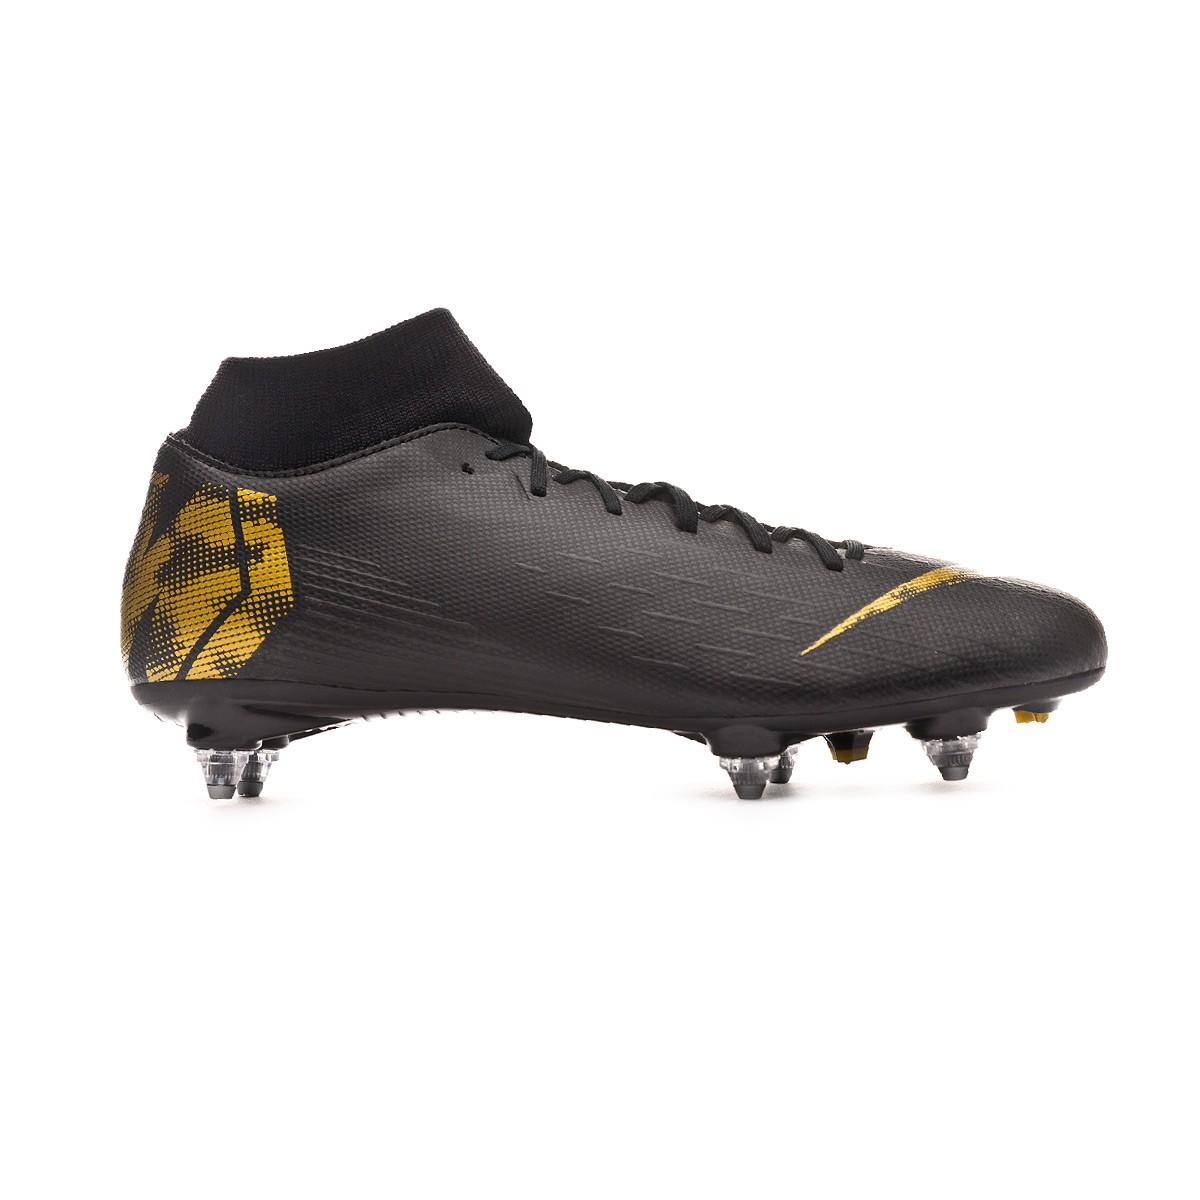 2a6637ed8b8 Zapatos de fútbol Nike Mercurial Superfly VI Academy SG-Pro Black-Metallic  vivid gold - Tienda de fútbol Fútbol Emotion